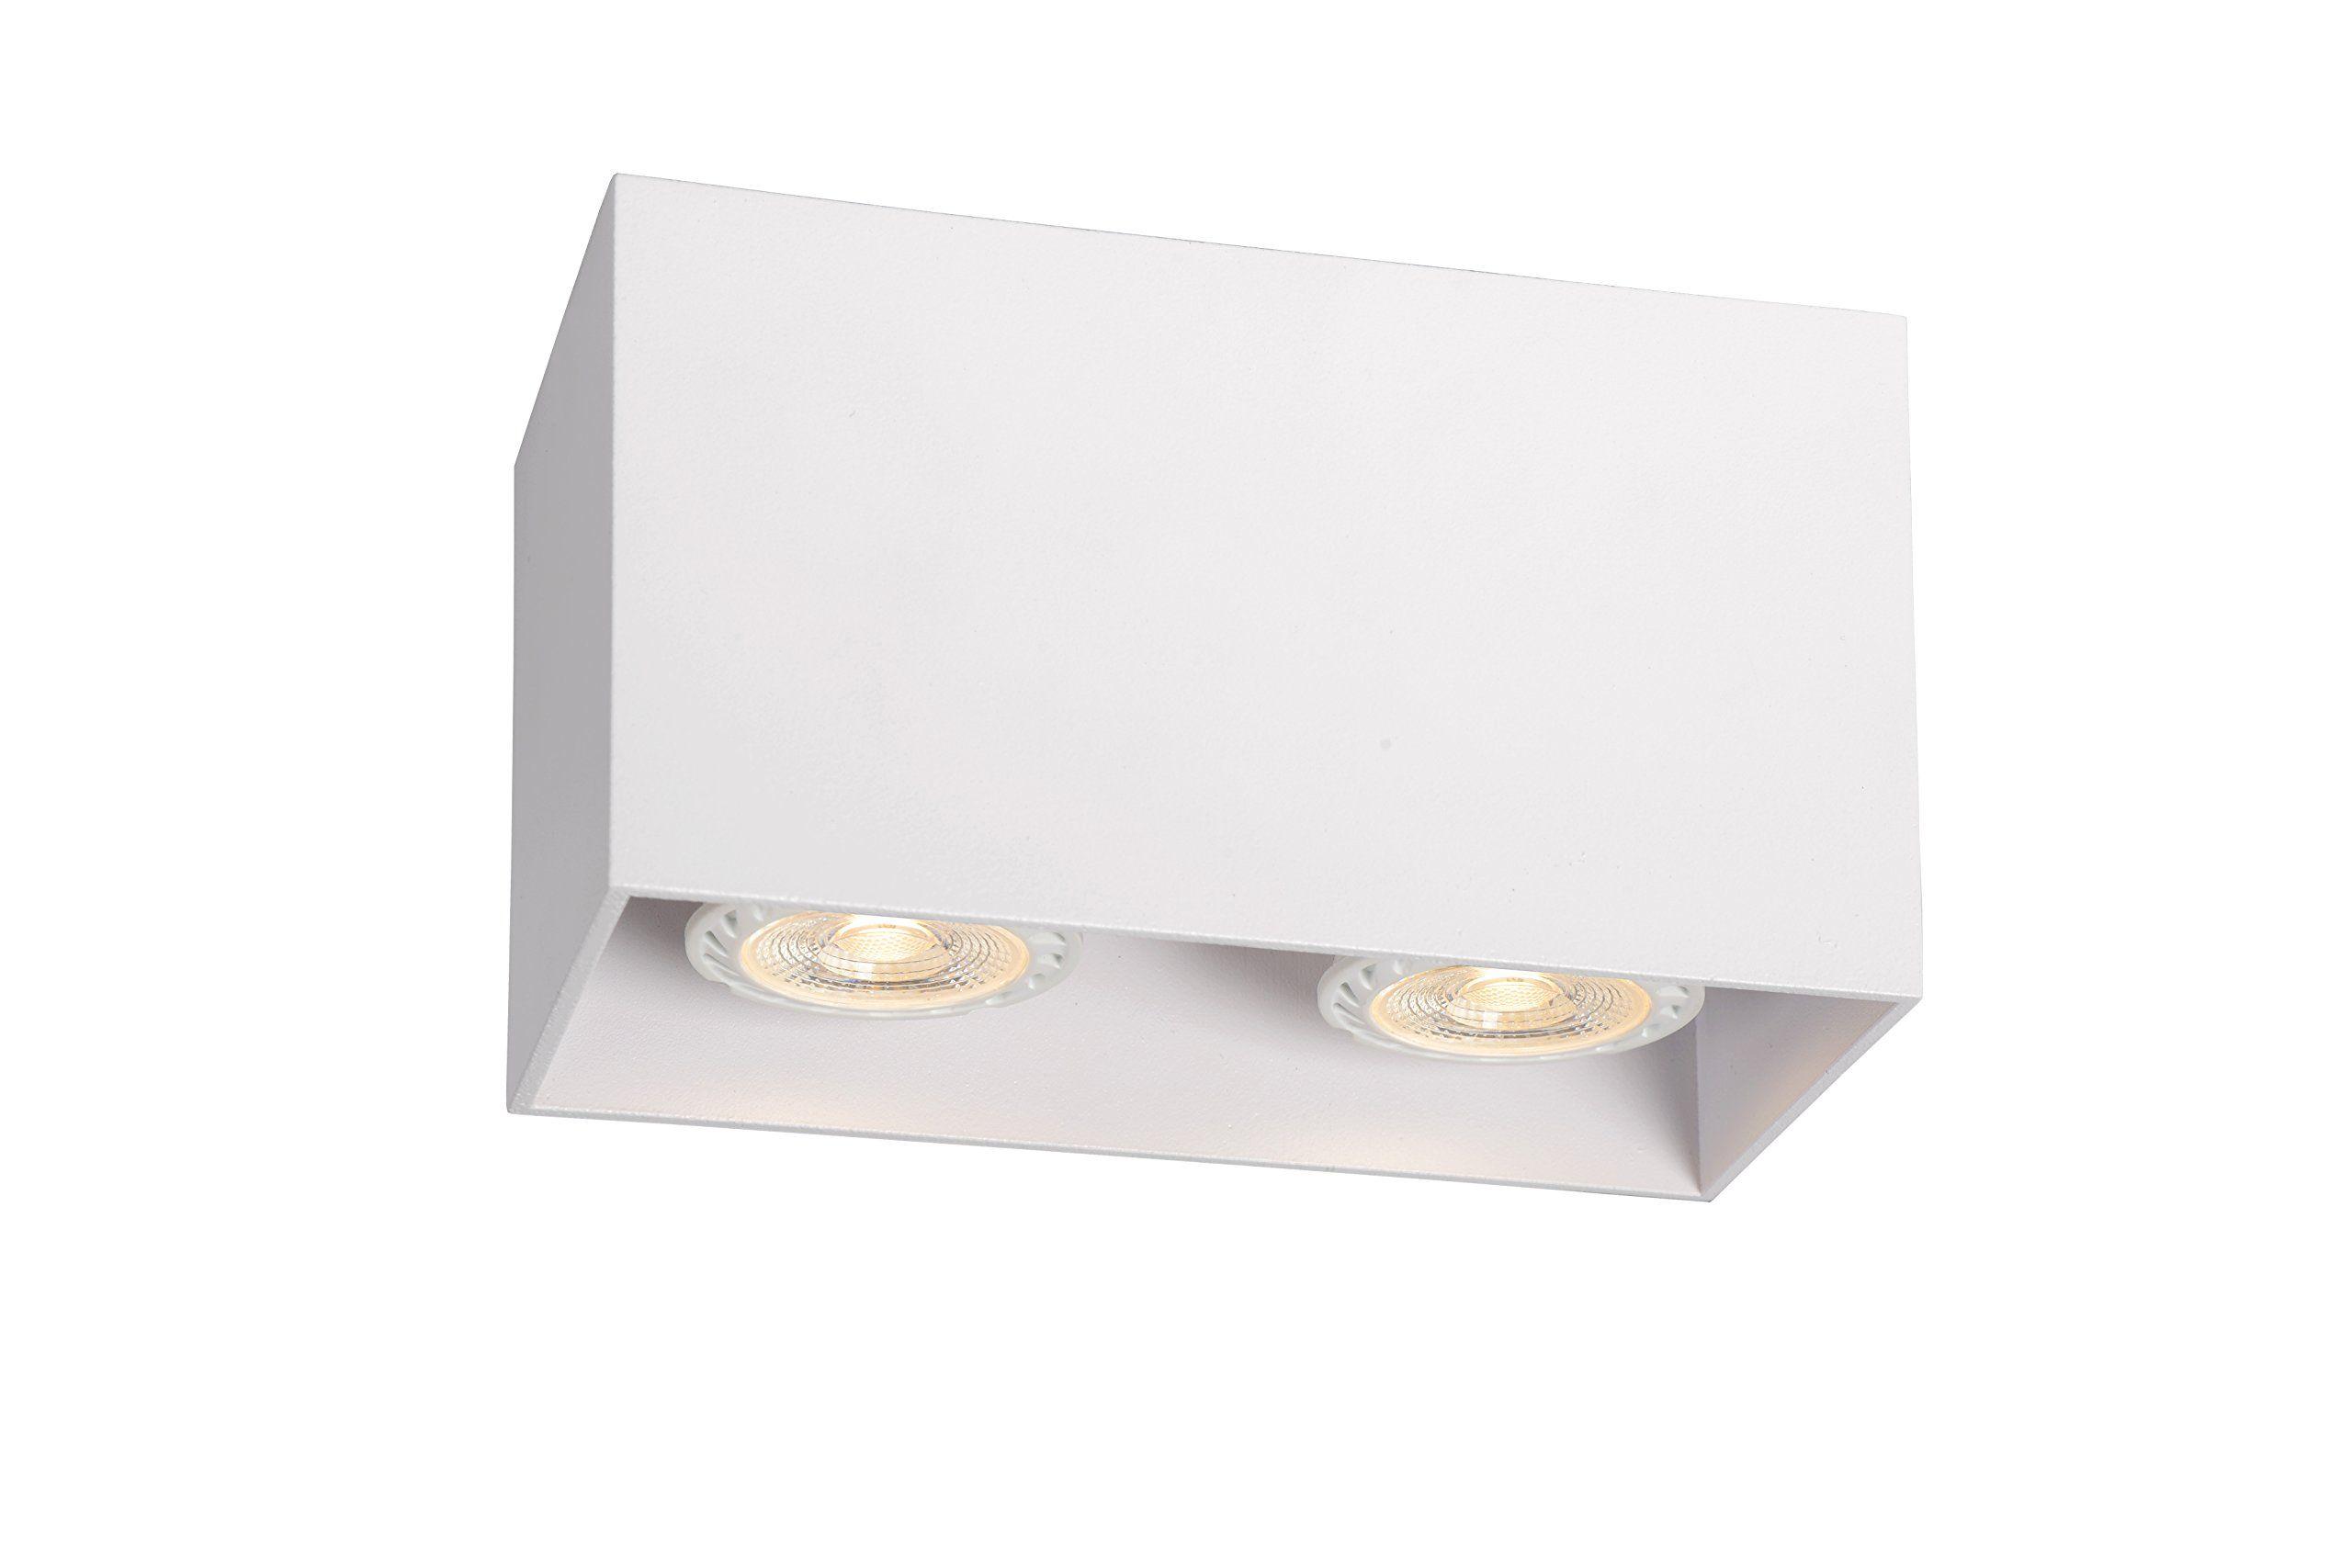 Plafoniere Led Rettangolare : Lucide bodi 09101 02 31 plafoniera rettangolare per 2 lampadine